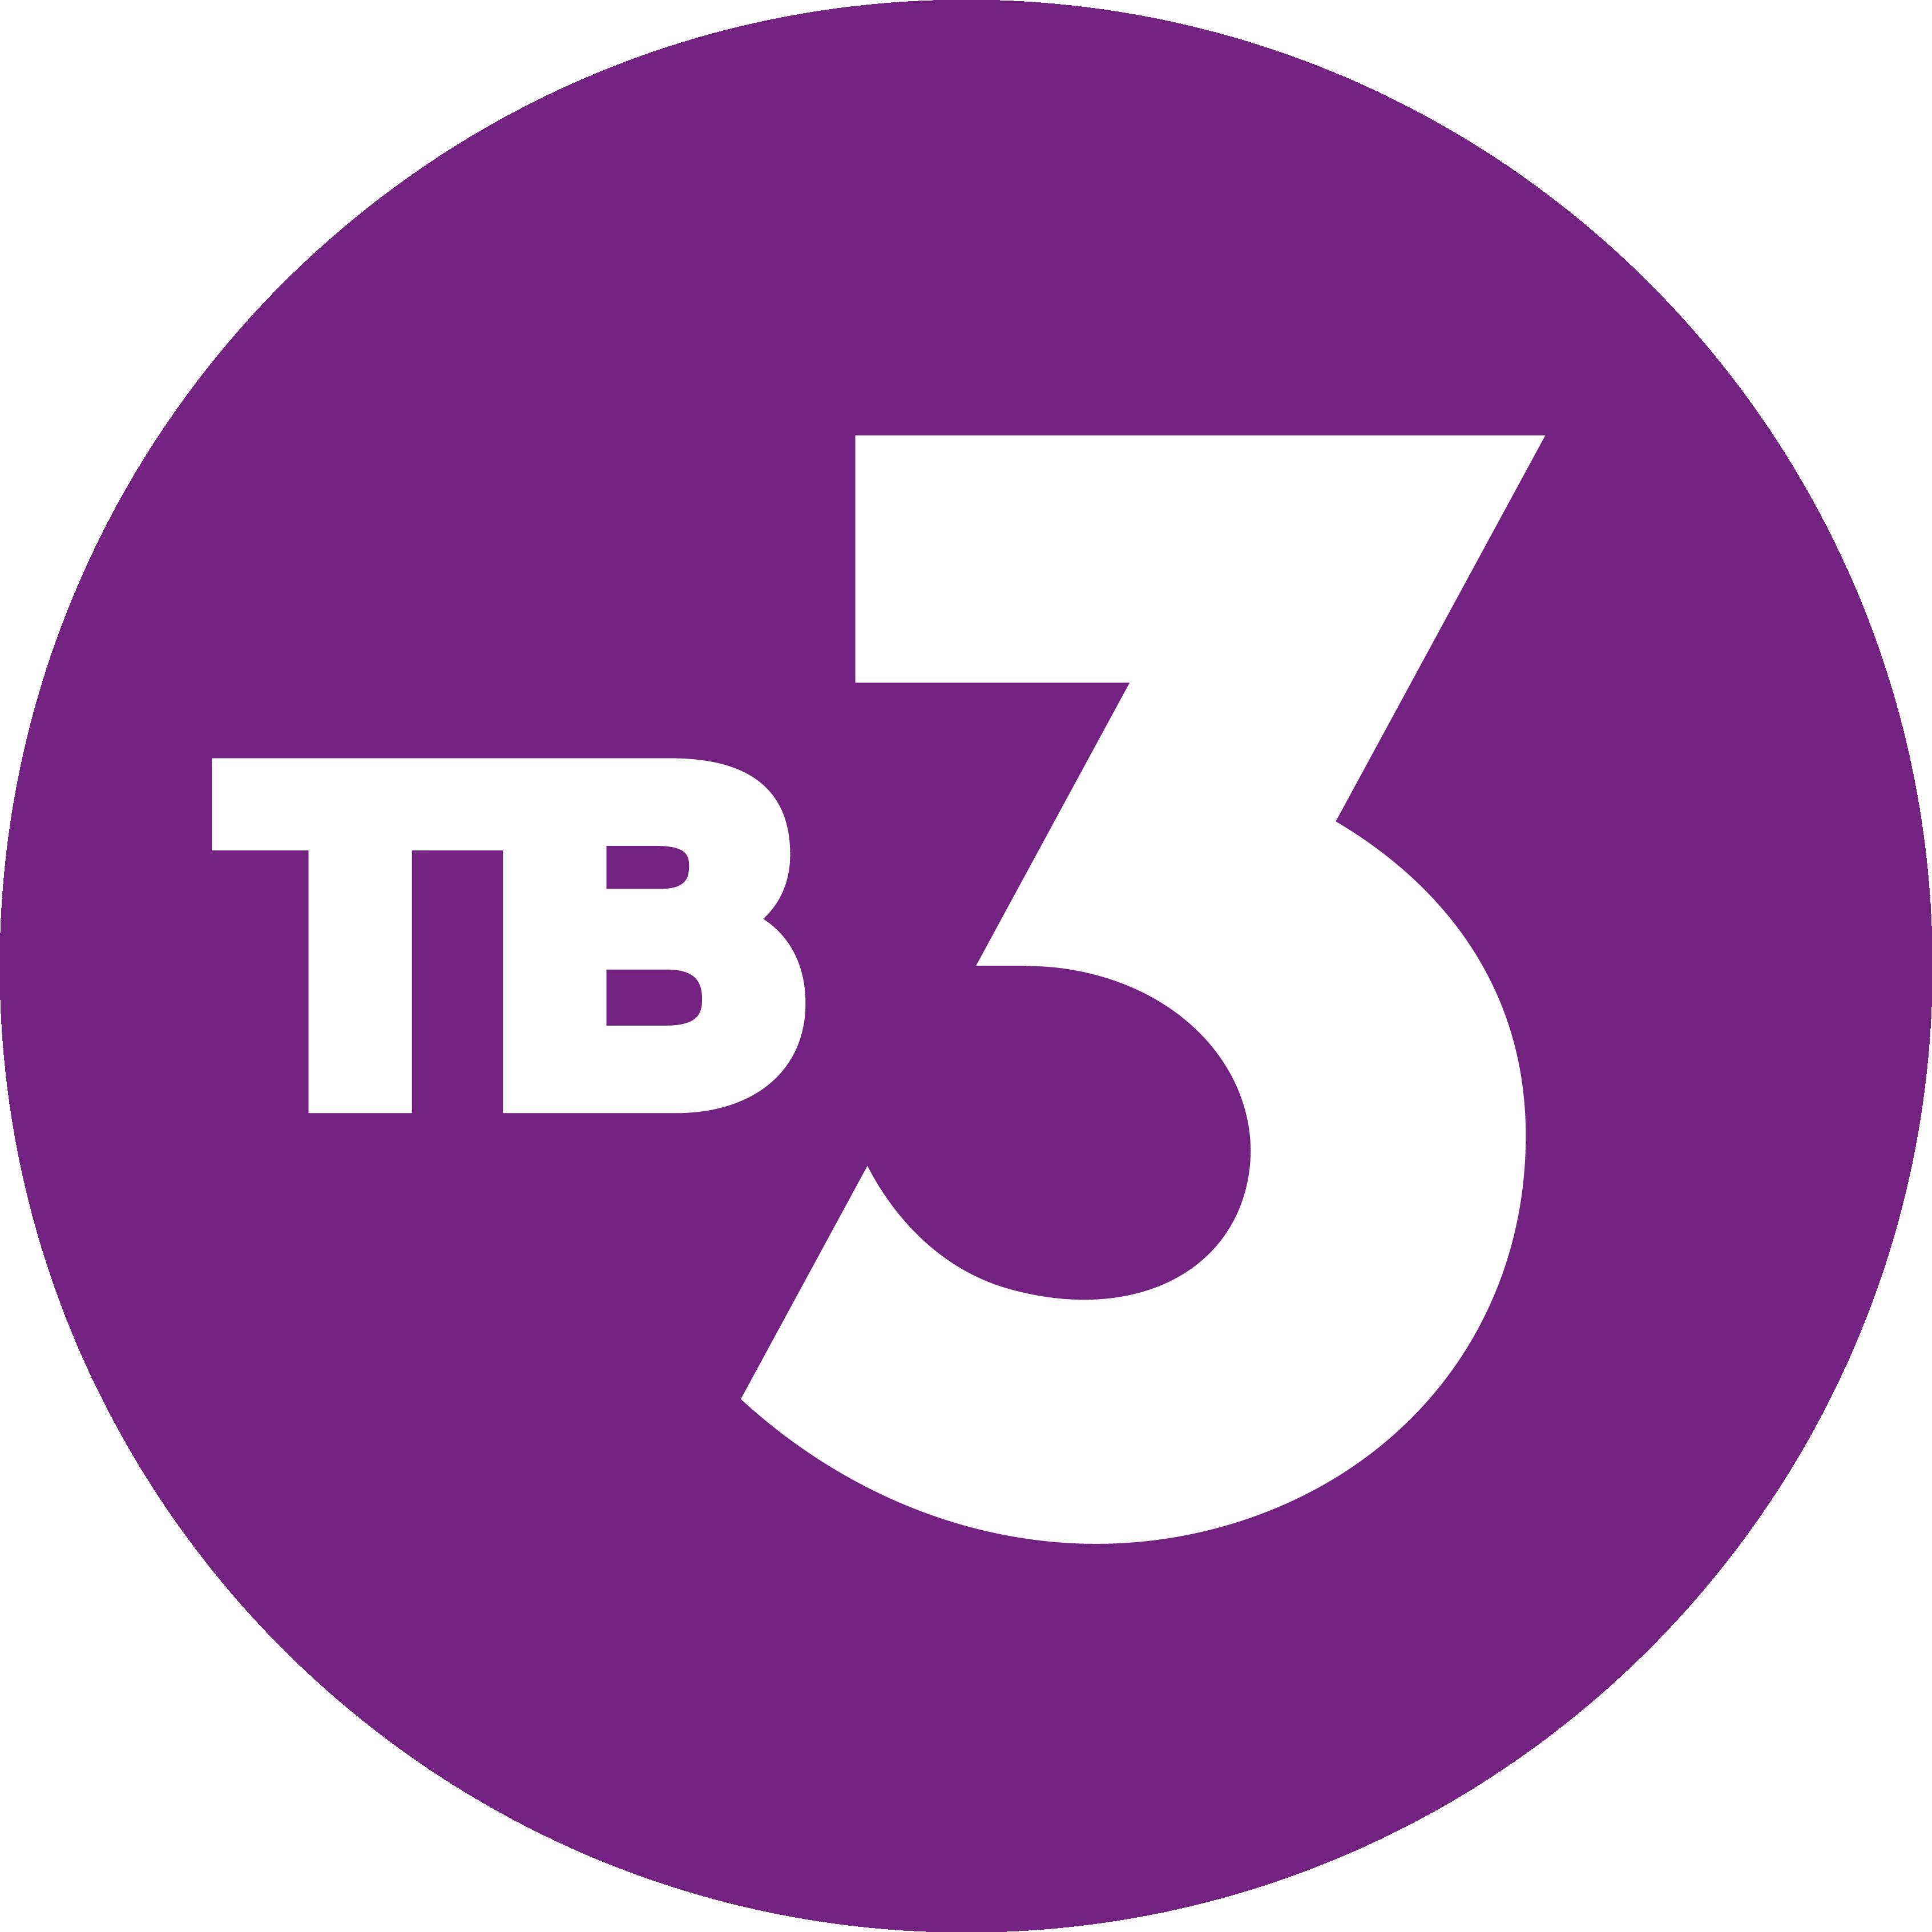 filetv3 logo 2015png